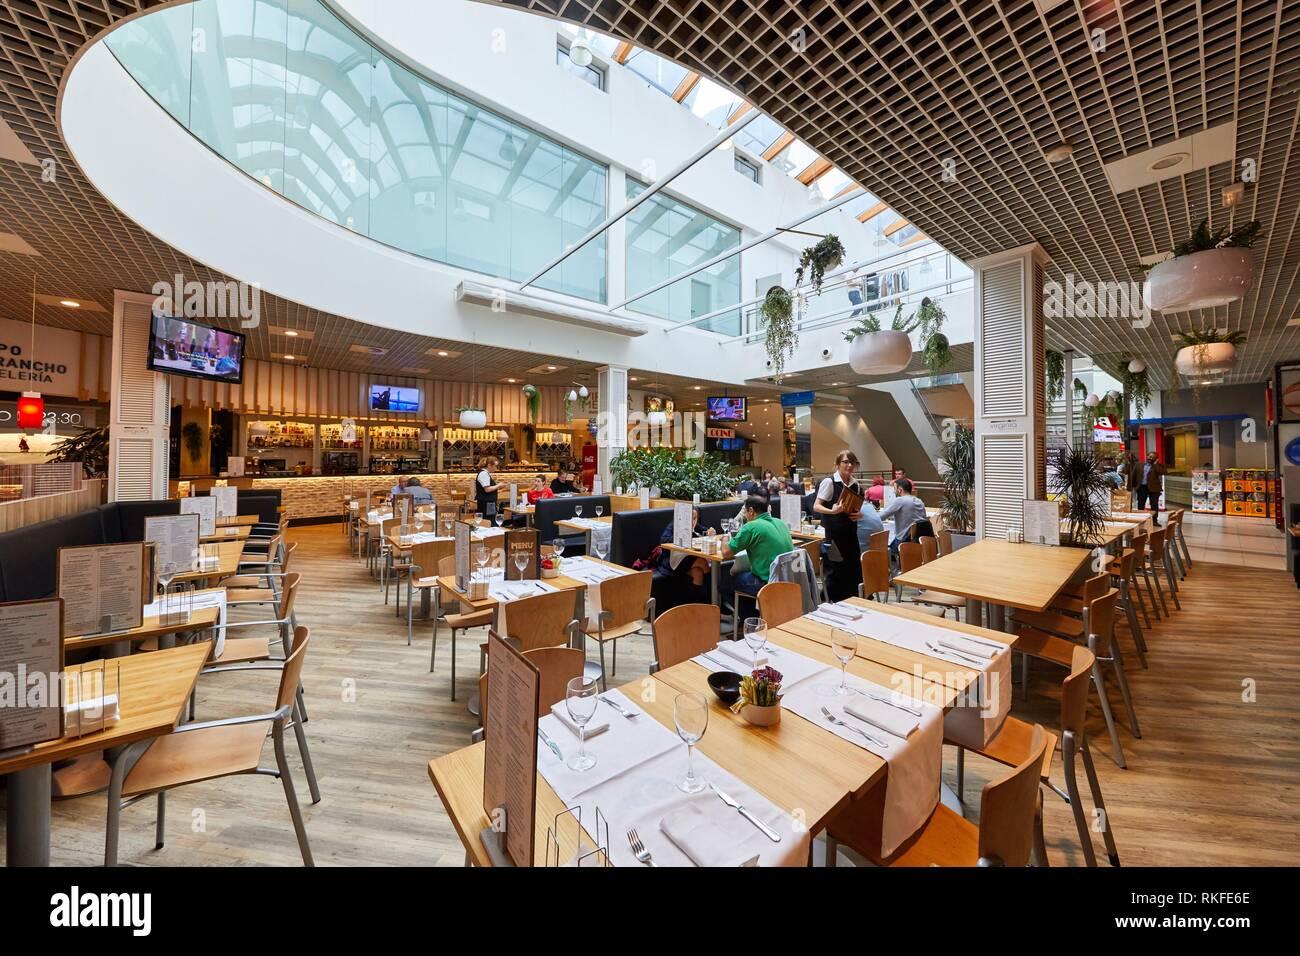 La sala da pranzo, tavoli per mangiare, Restaurante Bar Virginia Mendibil Menu & Fast buona, Mall, Centro Comercial Mendibil, Irun, Gipuzkoa, Paese Basco, Immagini Stock